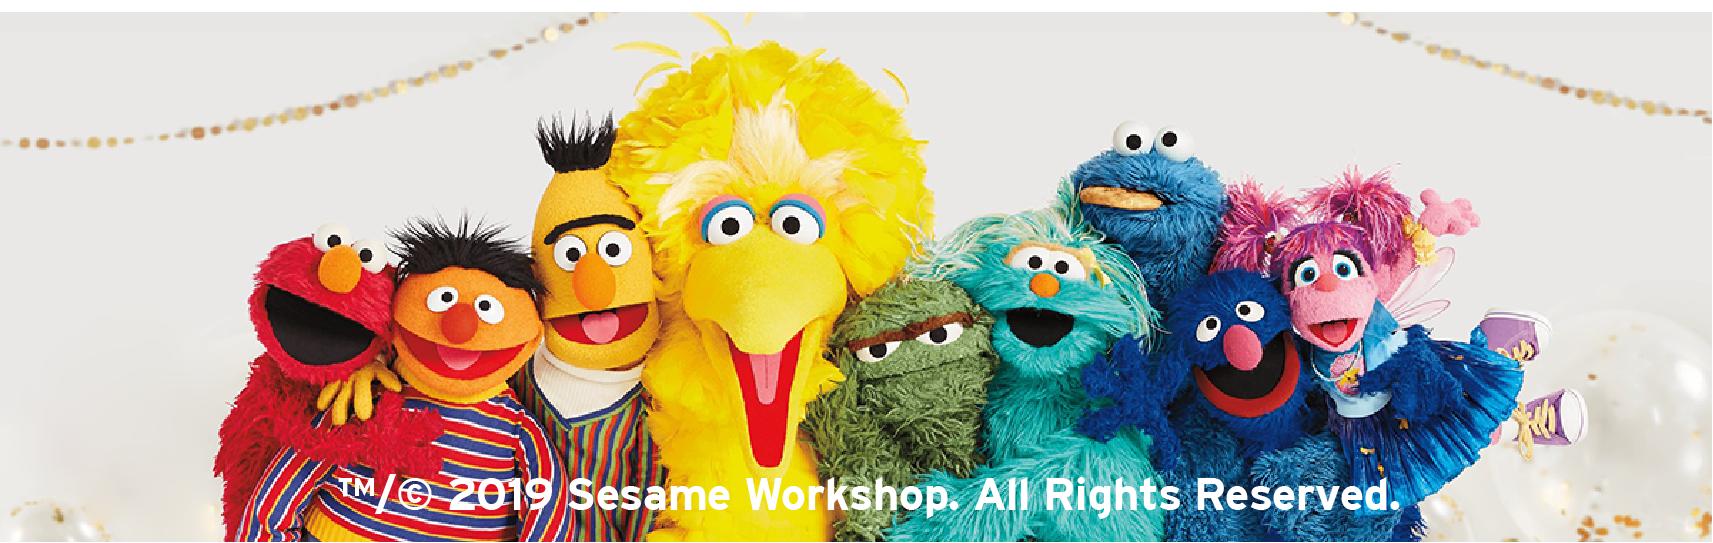 tm/Copyright Sesame Workshop. All Rights Reserved.